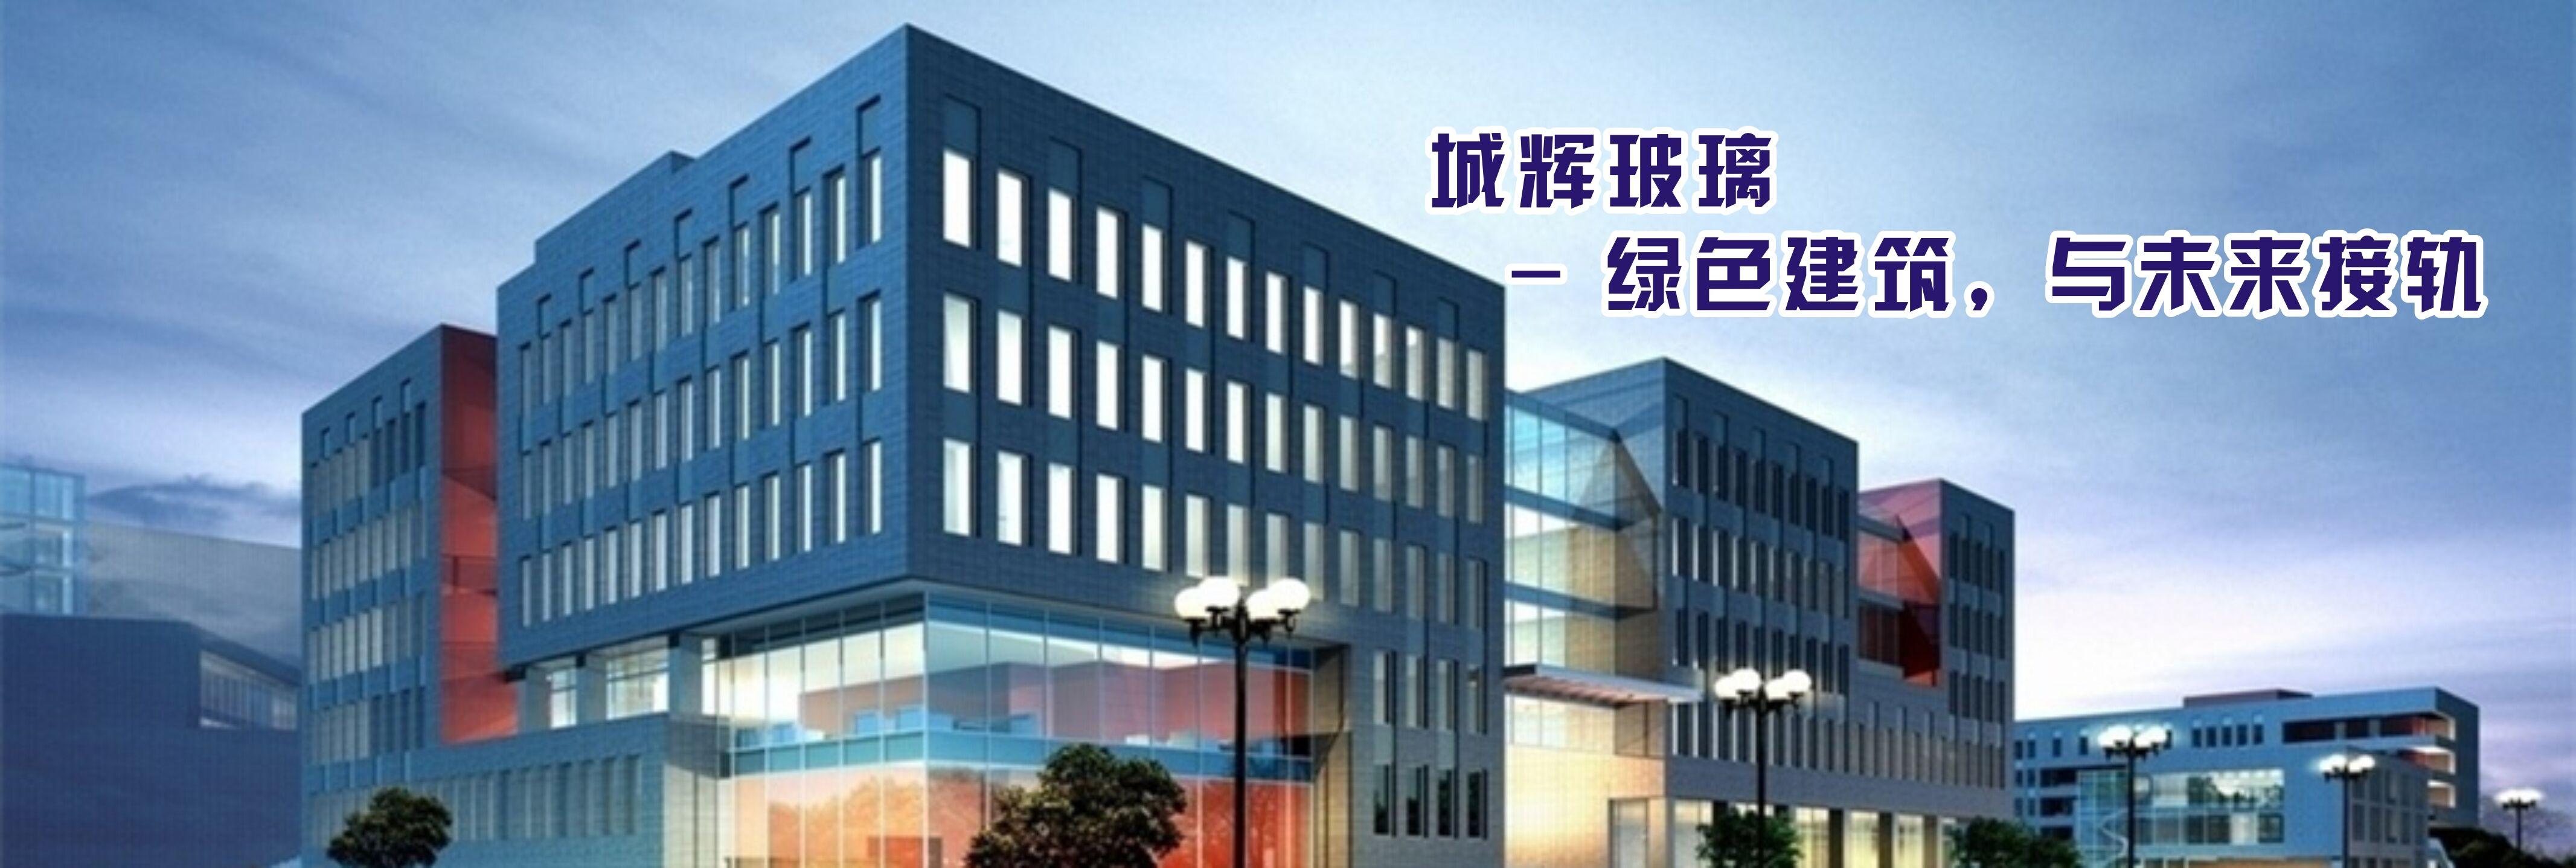 中山市城辉玻璃科技有限公司企业形象图片